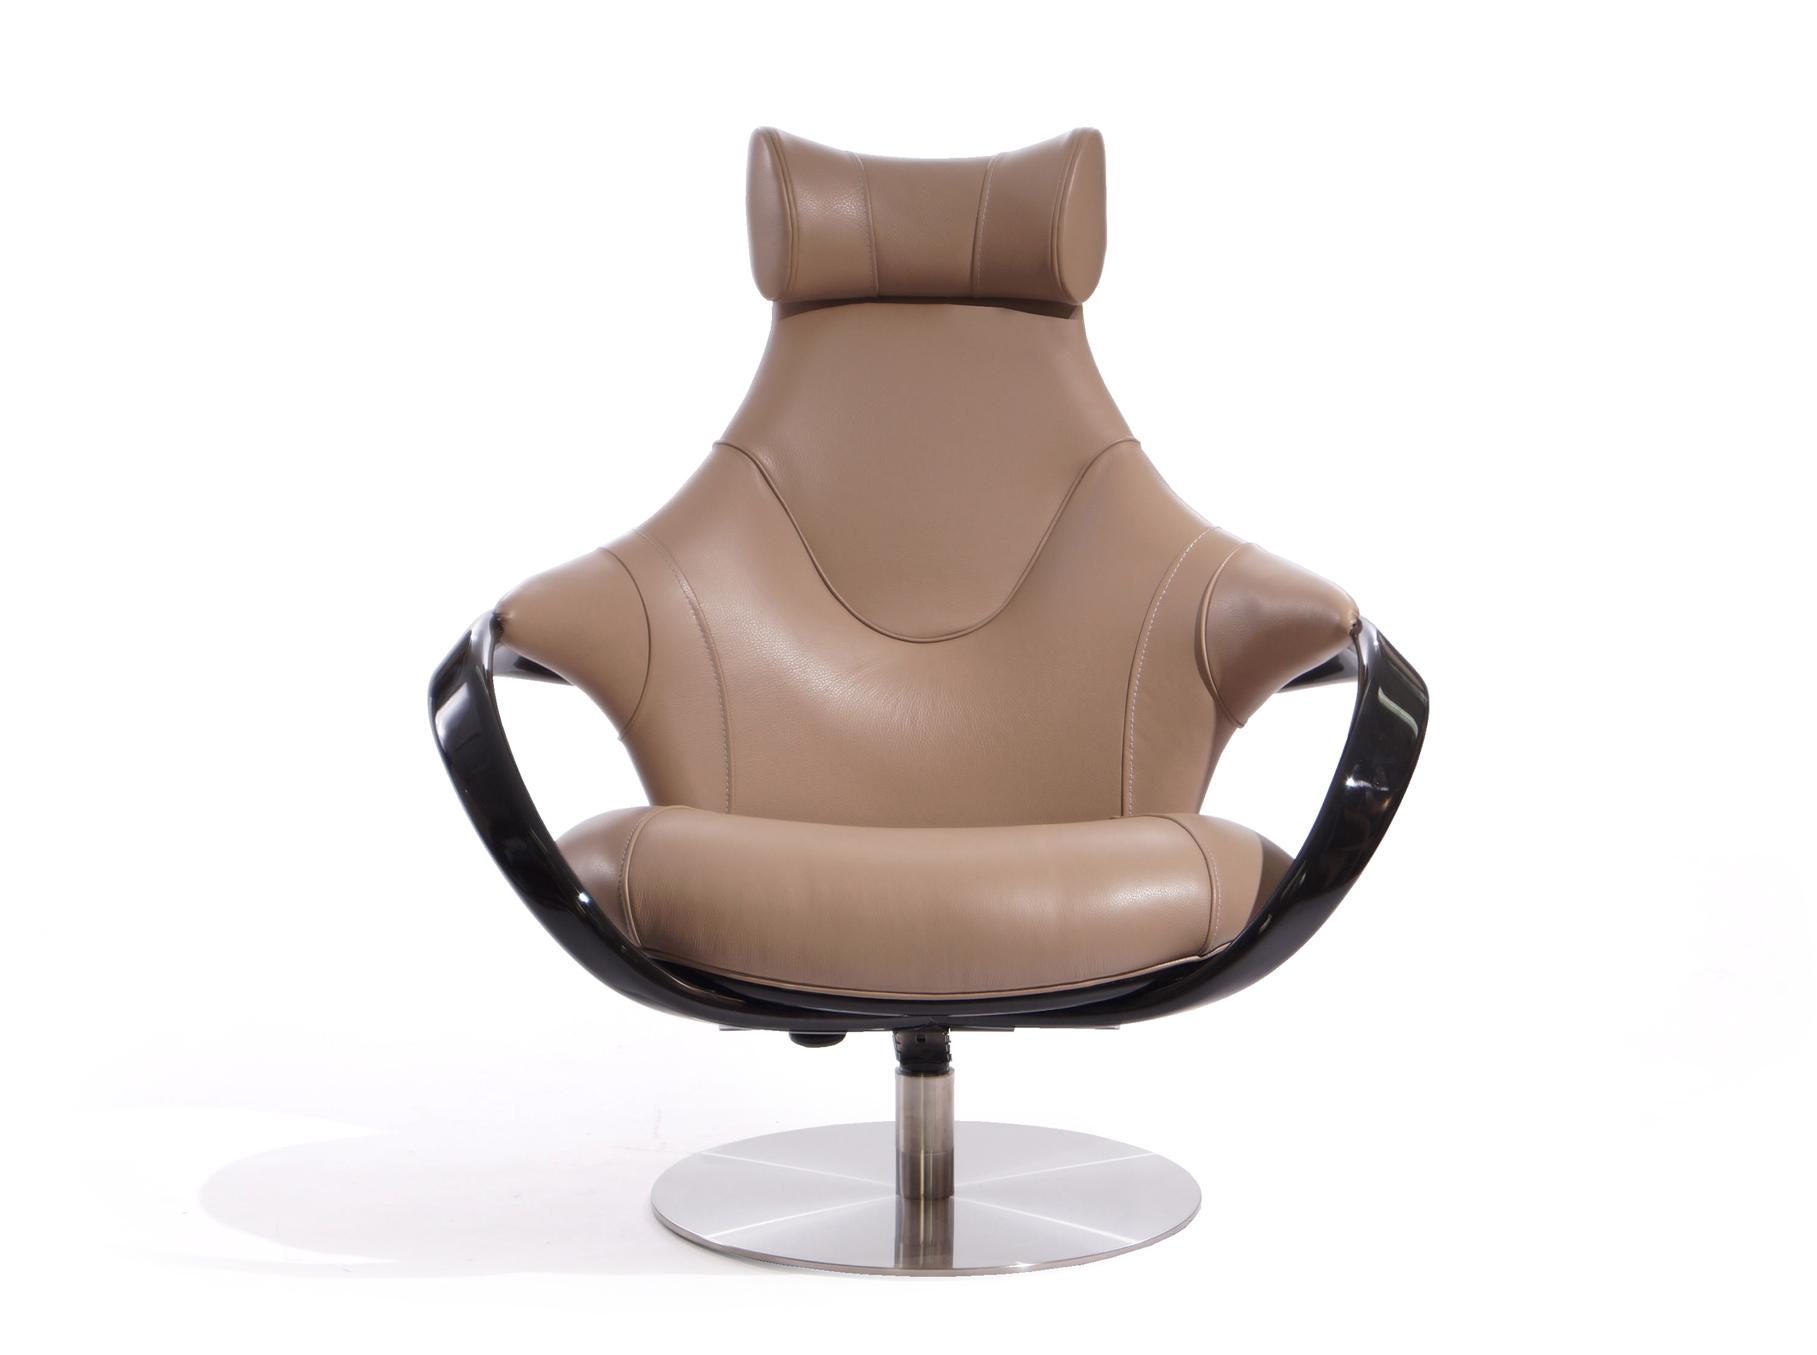 Кресло Apriori RКожаные кресла<br>Удивительно удобное д&amp;lt;span style=&amp;quot;font-size: 14px;&amp;quot;&amp;gt;изайнерское&amp;amp;nbsp;&amp;lt;/span&amp;gt;кресло в механизмом качения. Удачно дополнит комплект мягкой мебели в современную гостиную.&amp;lt;div&amp;gt;&amp;lt;span style=&amp;quot;font-size: 14px;&amp;quot;&amp;gt;Материал: Натуральное дерево, береза,&amp;amp;nbsp;&amp;lt;/span&amp;gt;&amp;lt;span style=&amp;quot;font-size: 14px;&amp;quot;&amp;gt;цвет:&amp;lt;/span&amp;gt;&amp;lt;span style=&amp;quot;font-size: 14px;&amp;quot;&amp;gt;черный глянец.&amp;lt;/span&amp;gt;&amp;lt;/div&amp;gt;&amp;lt;div&amp;gt;&amp;lt;span style=&amp;quot;font-size: 14px;&amp;quot;&amp;gt;Обивка: Кожа натуральная,&amp;amp;nbsp;&amp;lt;/span&amp;gt;&amp;lt;span style=&amp;quot;font-size: 14px;&amp;quot;&amp;gt;цвет: cappuccino.&amp;lt;/span&amp;gt;&amp;lt;/div&amp;gt;<br><br>Material: Кожа<br>Length см: 115<br>Width см: 100<br>Depth см: None<br>Height см: 110<br>Diameter см: None